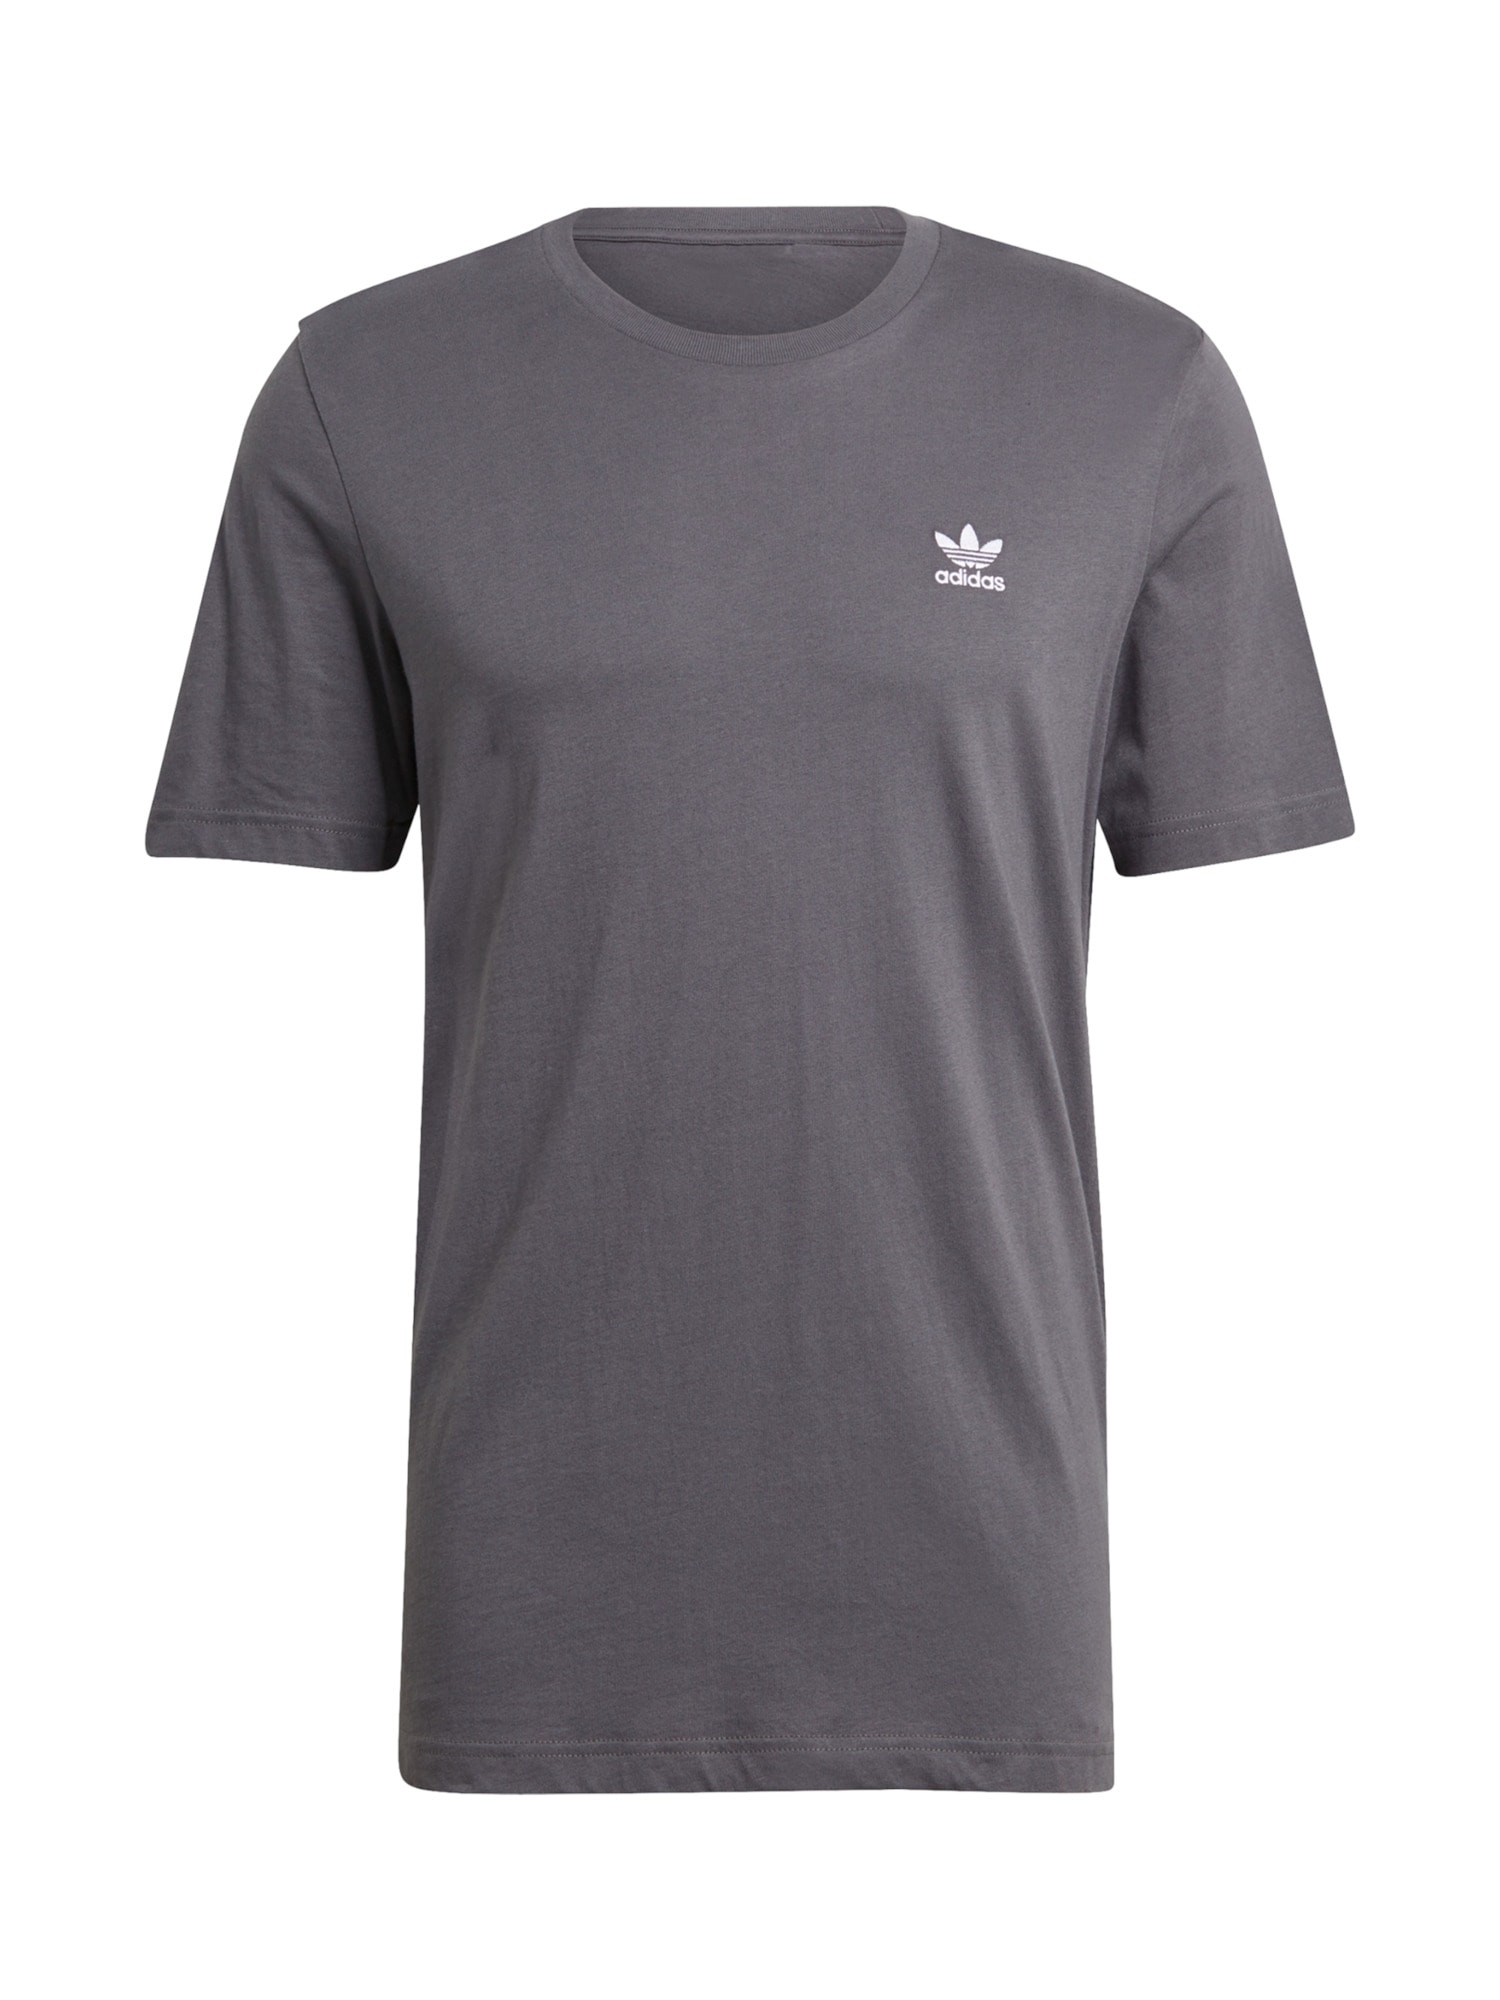 ADIDAS ORIGINALS Marškinėliai tamsiai pilka / balta